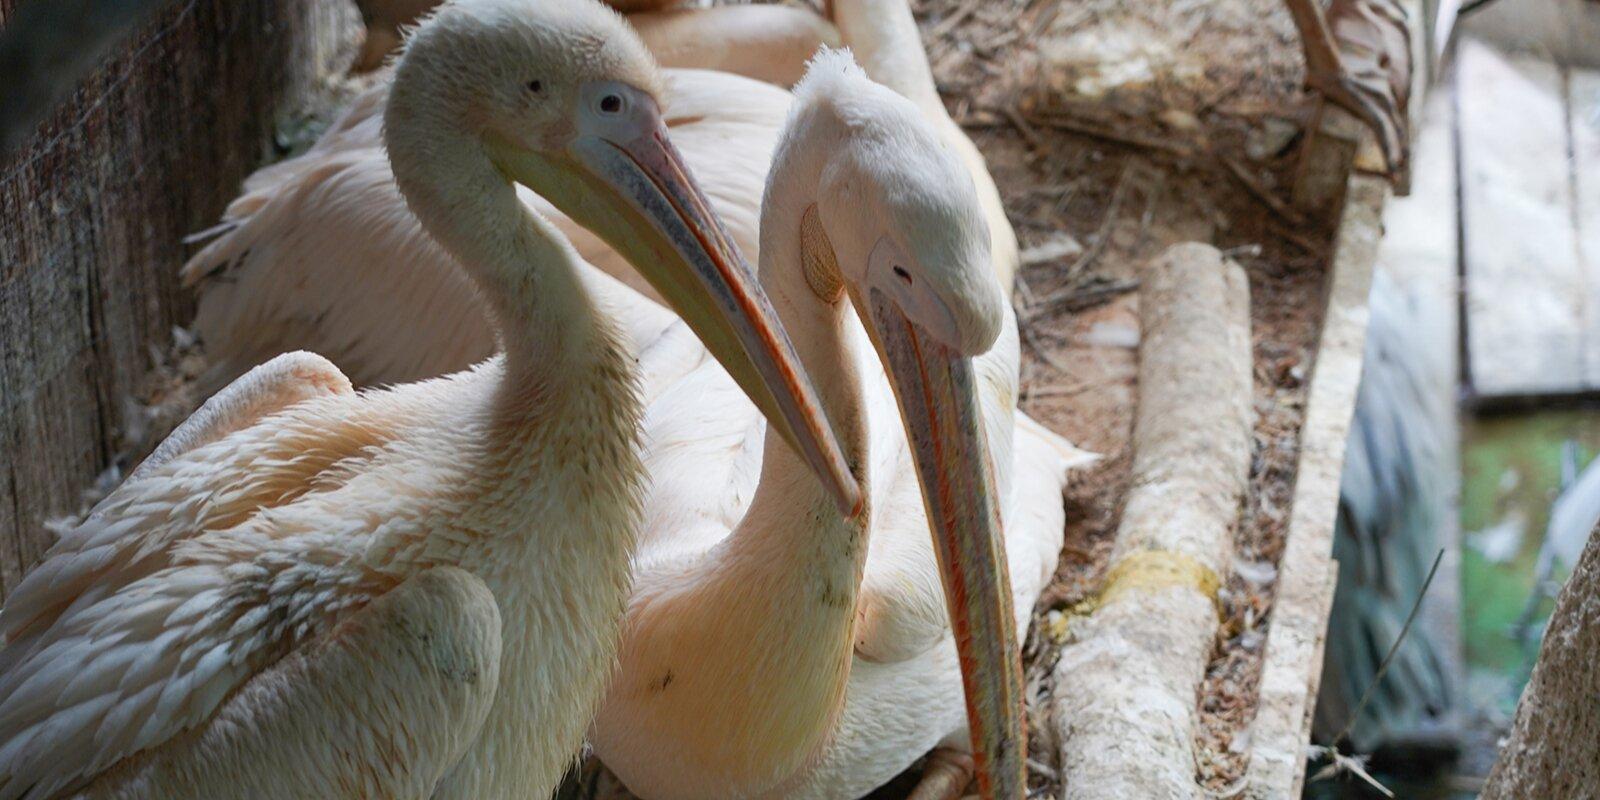 Редкие кудрявые пеликаны родились в Московском зоопарке